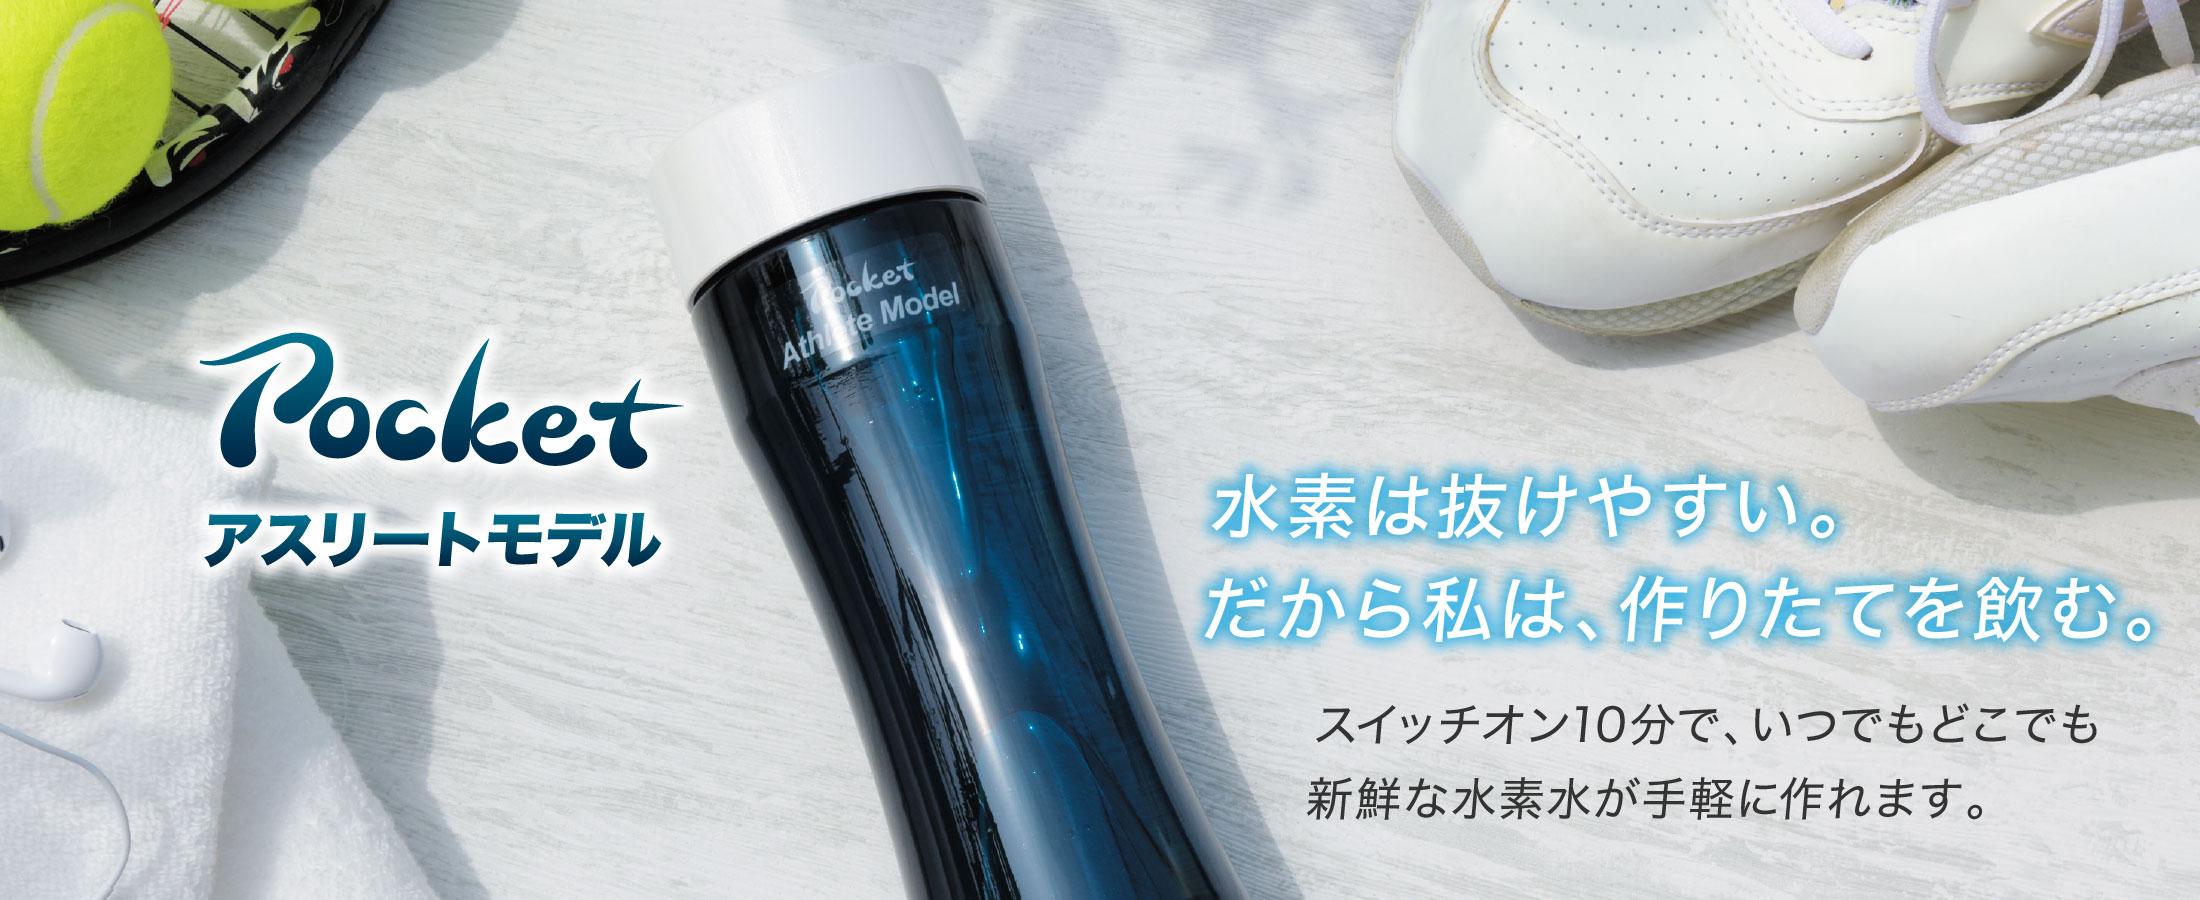 携帯用水素水ボトル「アスリートモデル セット」 医療機器商社がプロデュース 健康系総合通販サイト Blue&Forest